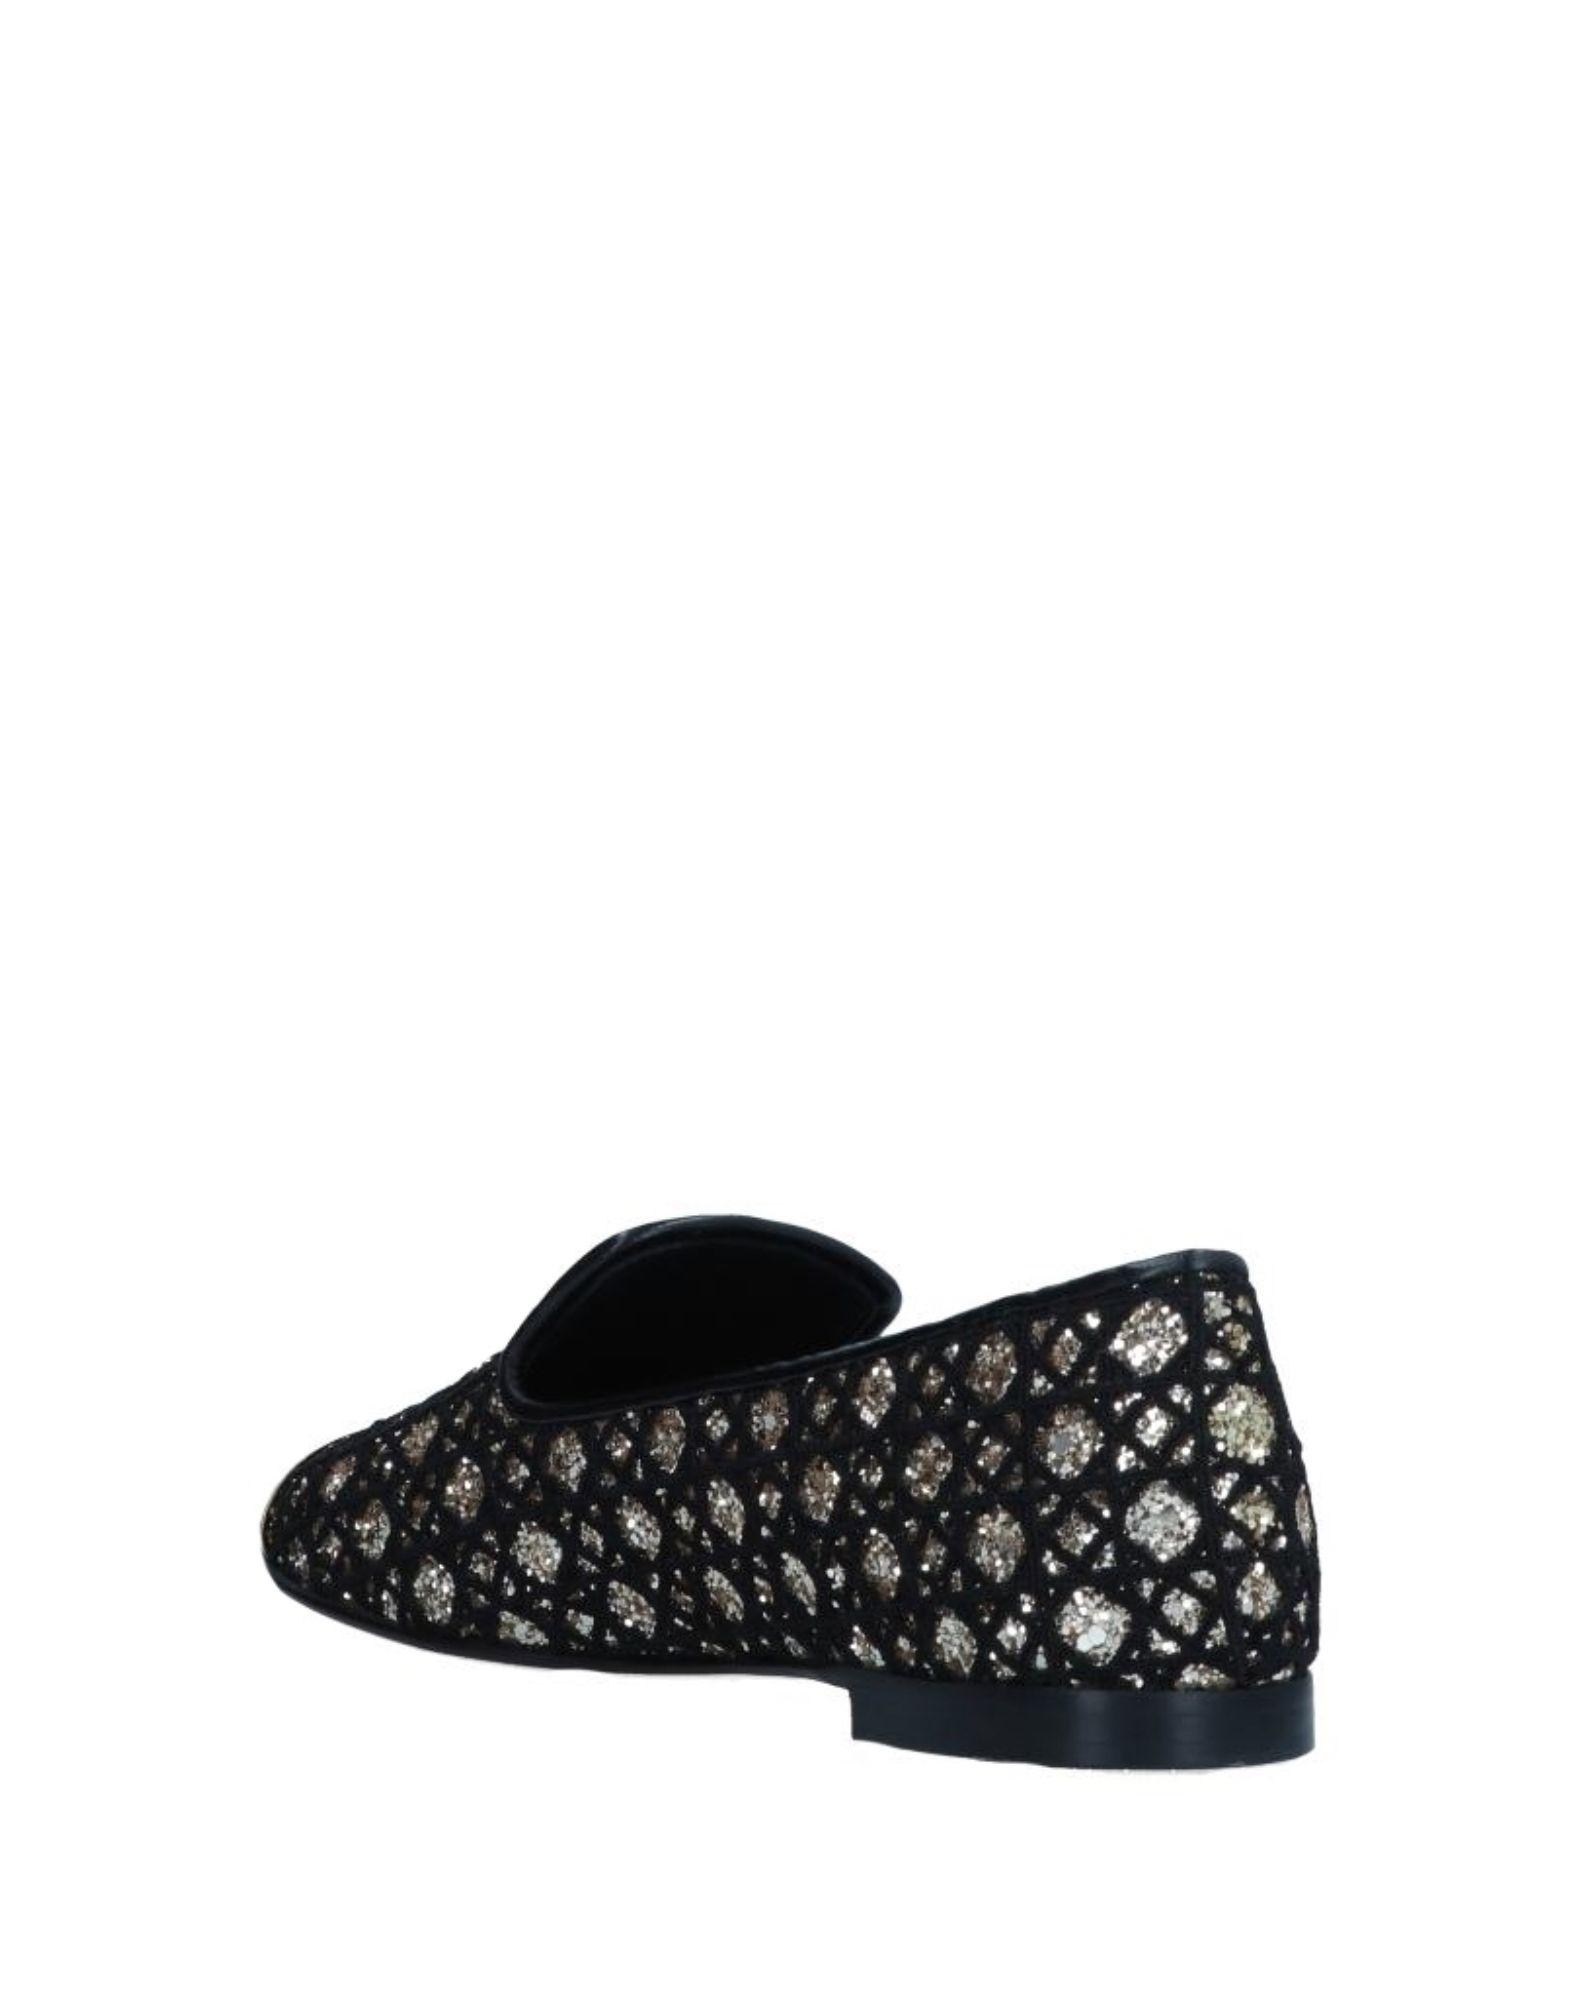 Giuseppe Zanotti Mokassins Damen Schuhe  11545541MSGünstige gut aussehende Schuhe Damen 7aa627